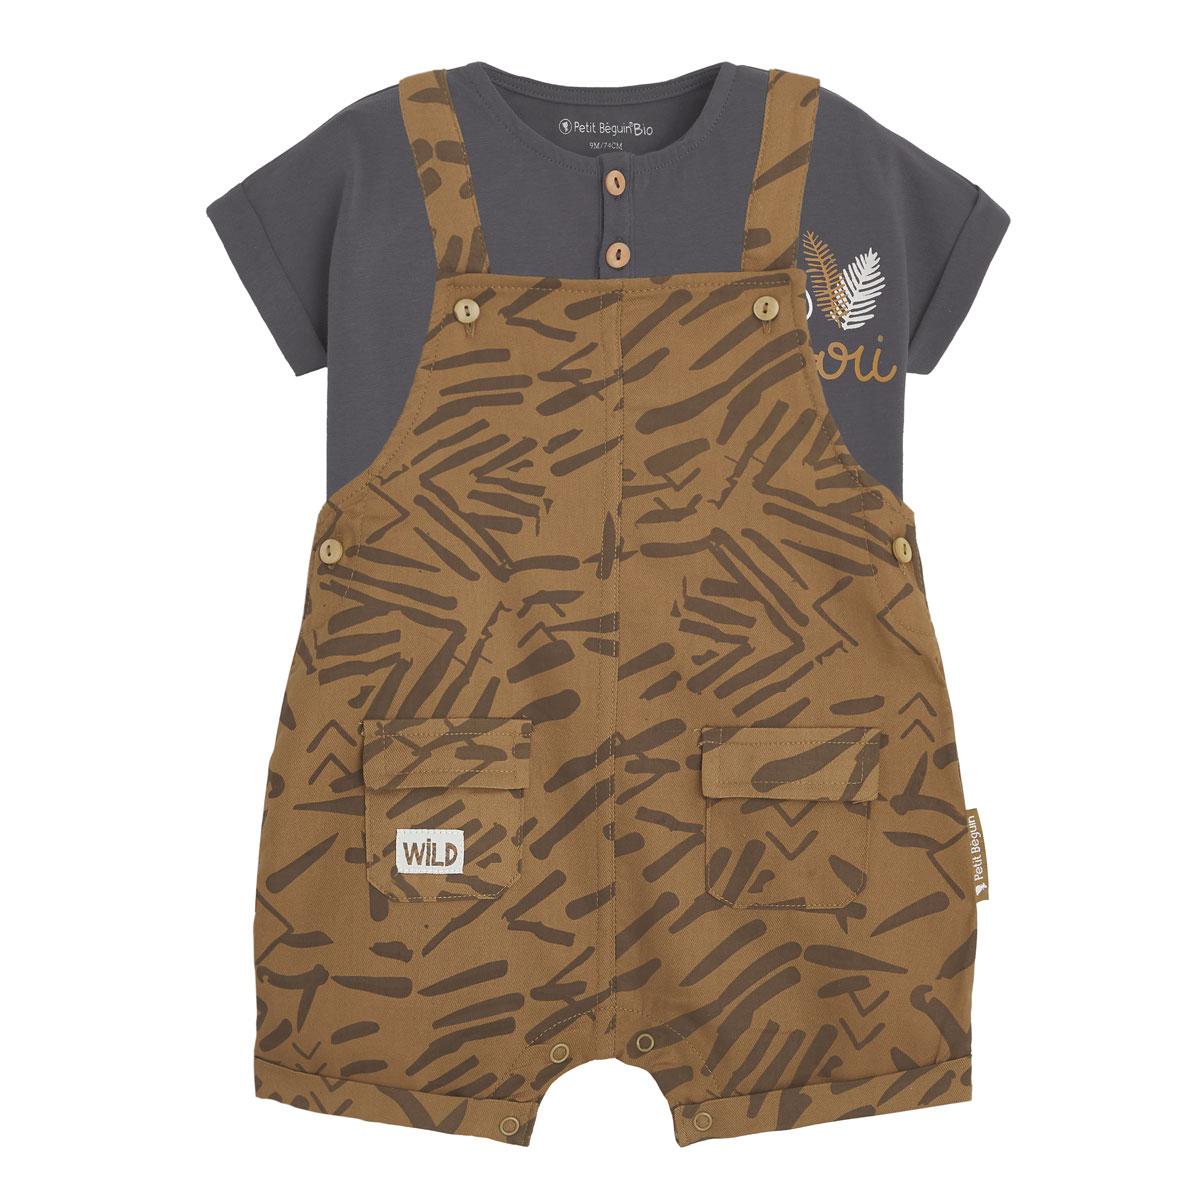 Salopette bébé garçon et t-shirt contenant du coton bio Wild Safari